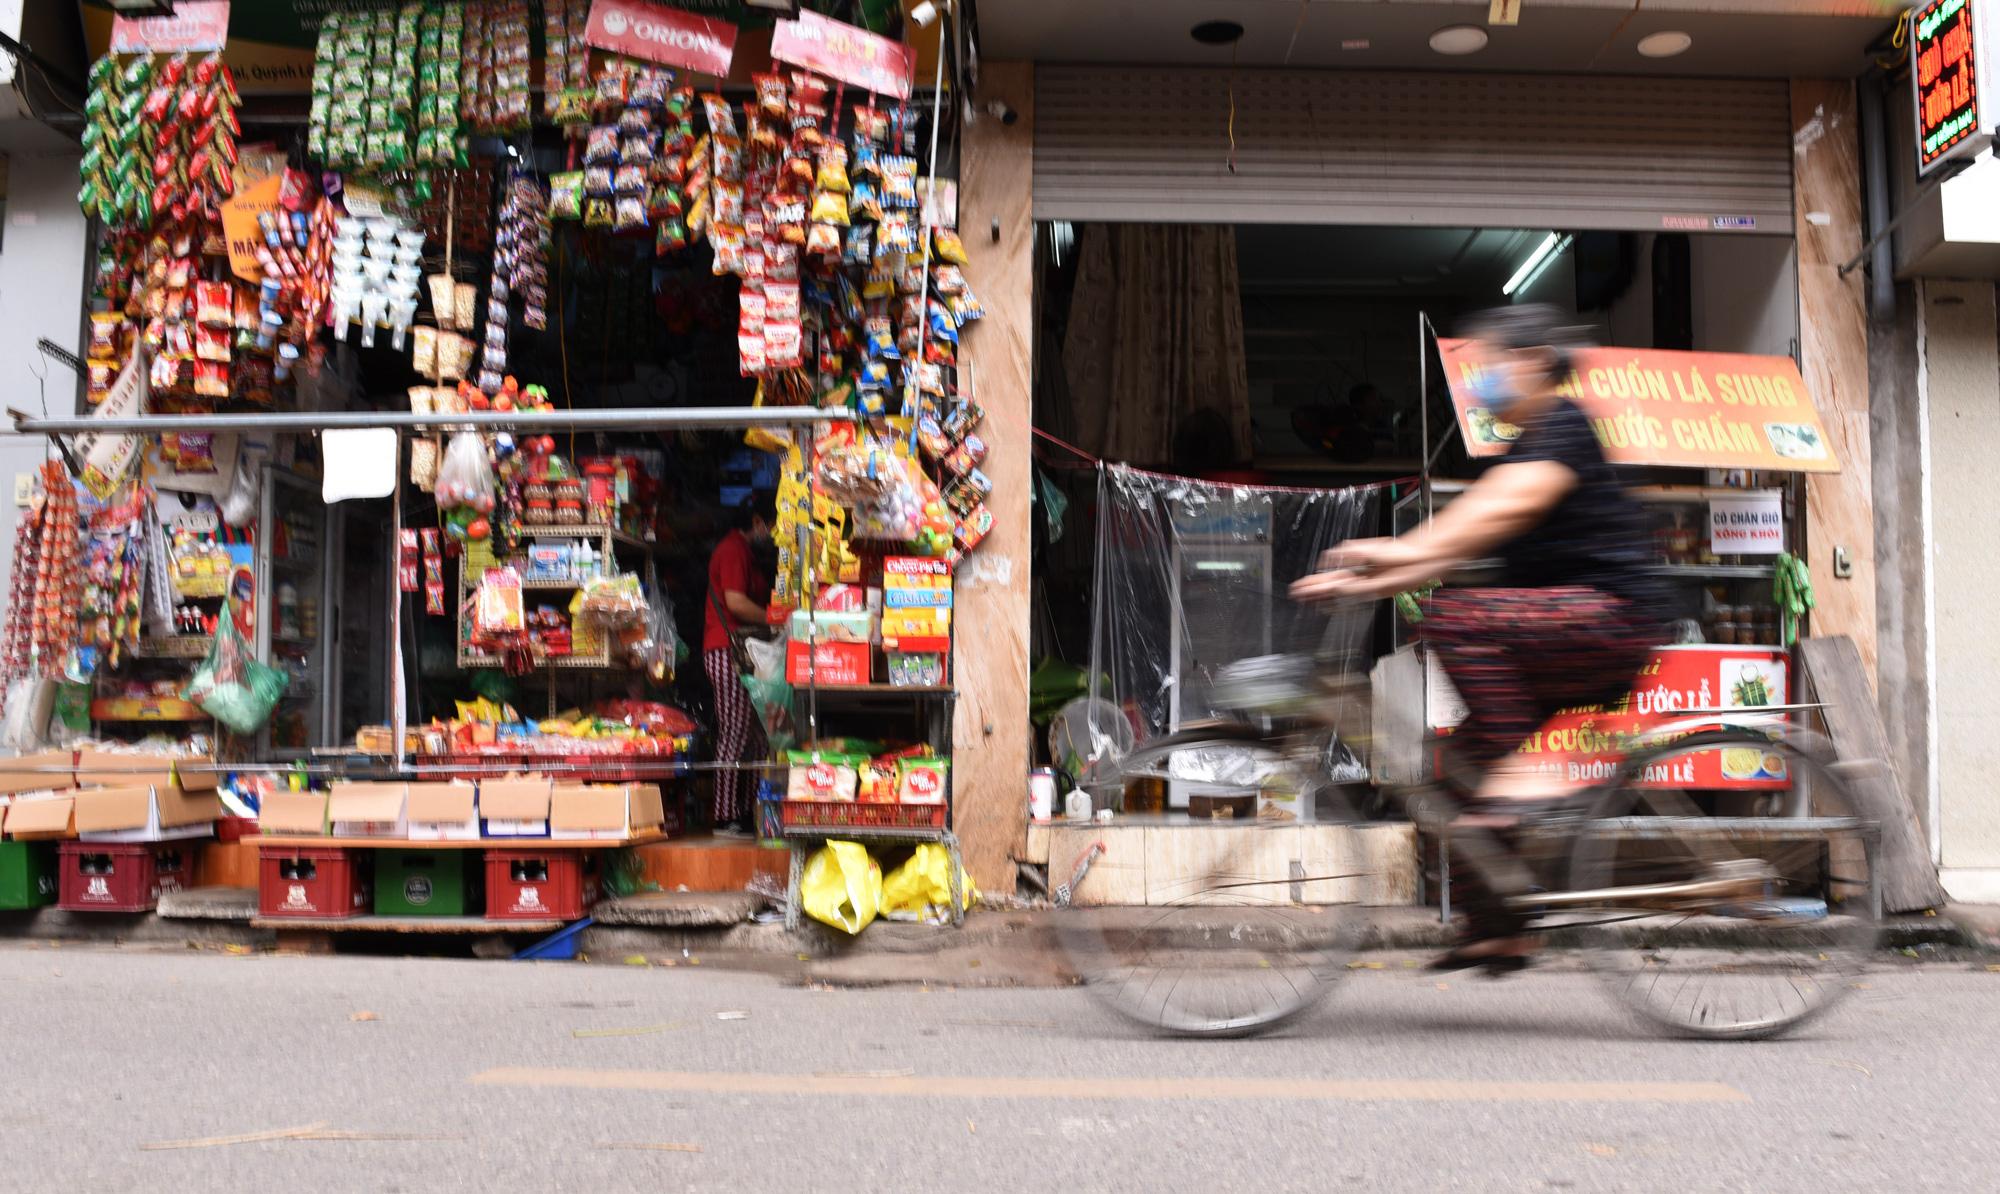 Quán tạp hóa ở Hà Nội làm 'lá chắn' phòng dịch Covid-19 - Ảnh 1.